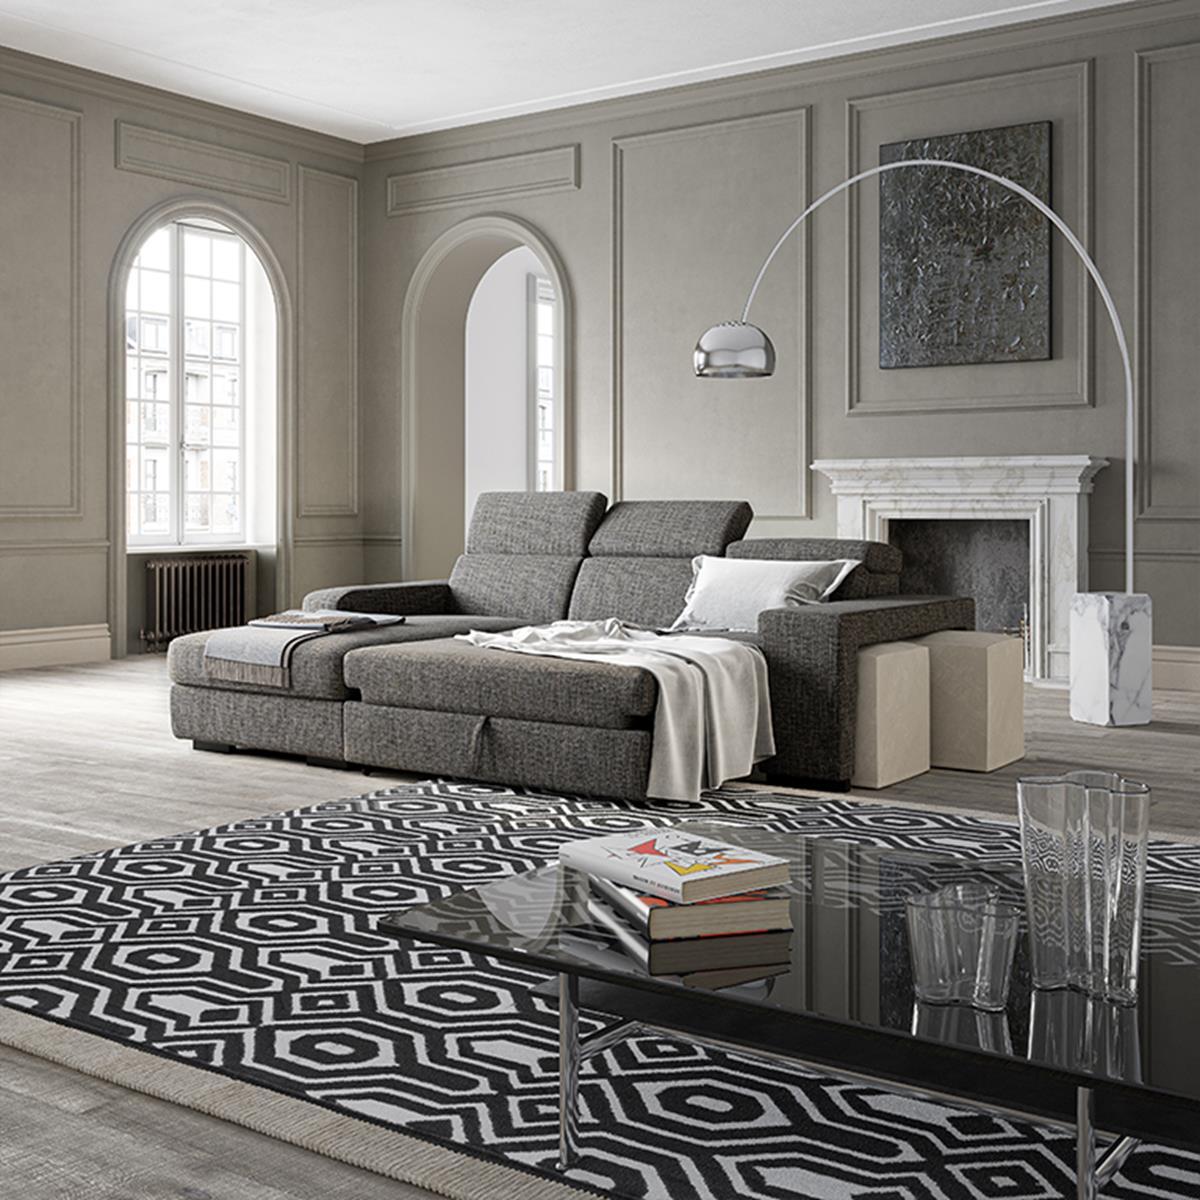 poltronesofa-collezione-divani-letto-12